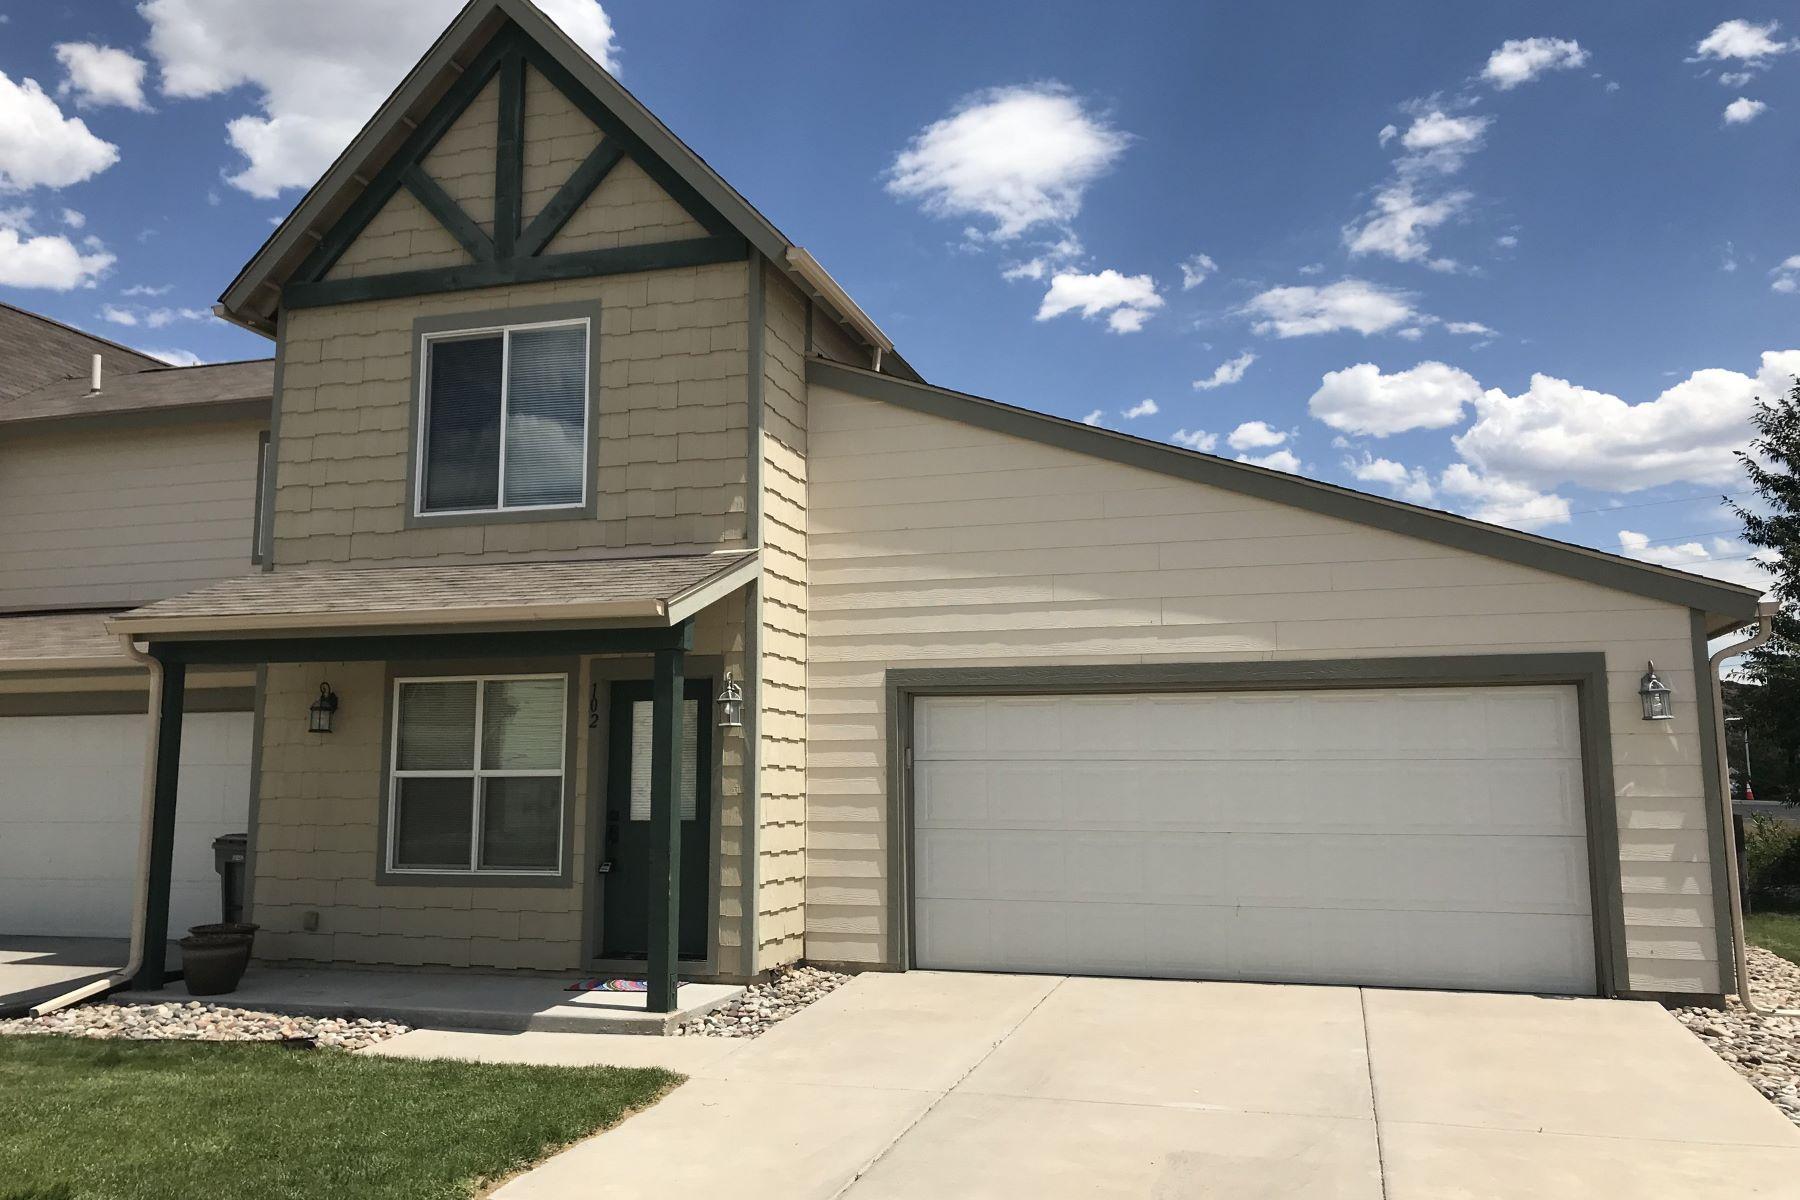 Casa Unifamiliar por un Venta en Charming Willow Ranch Home 102 W. 26th Street Rifle, Colorado 81650 Estados Unidos